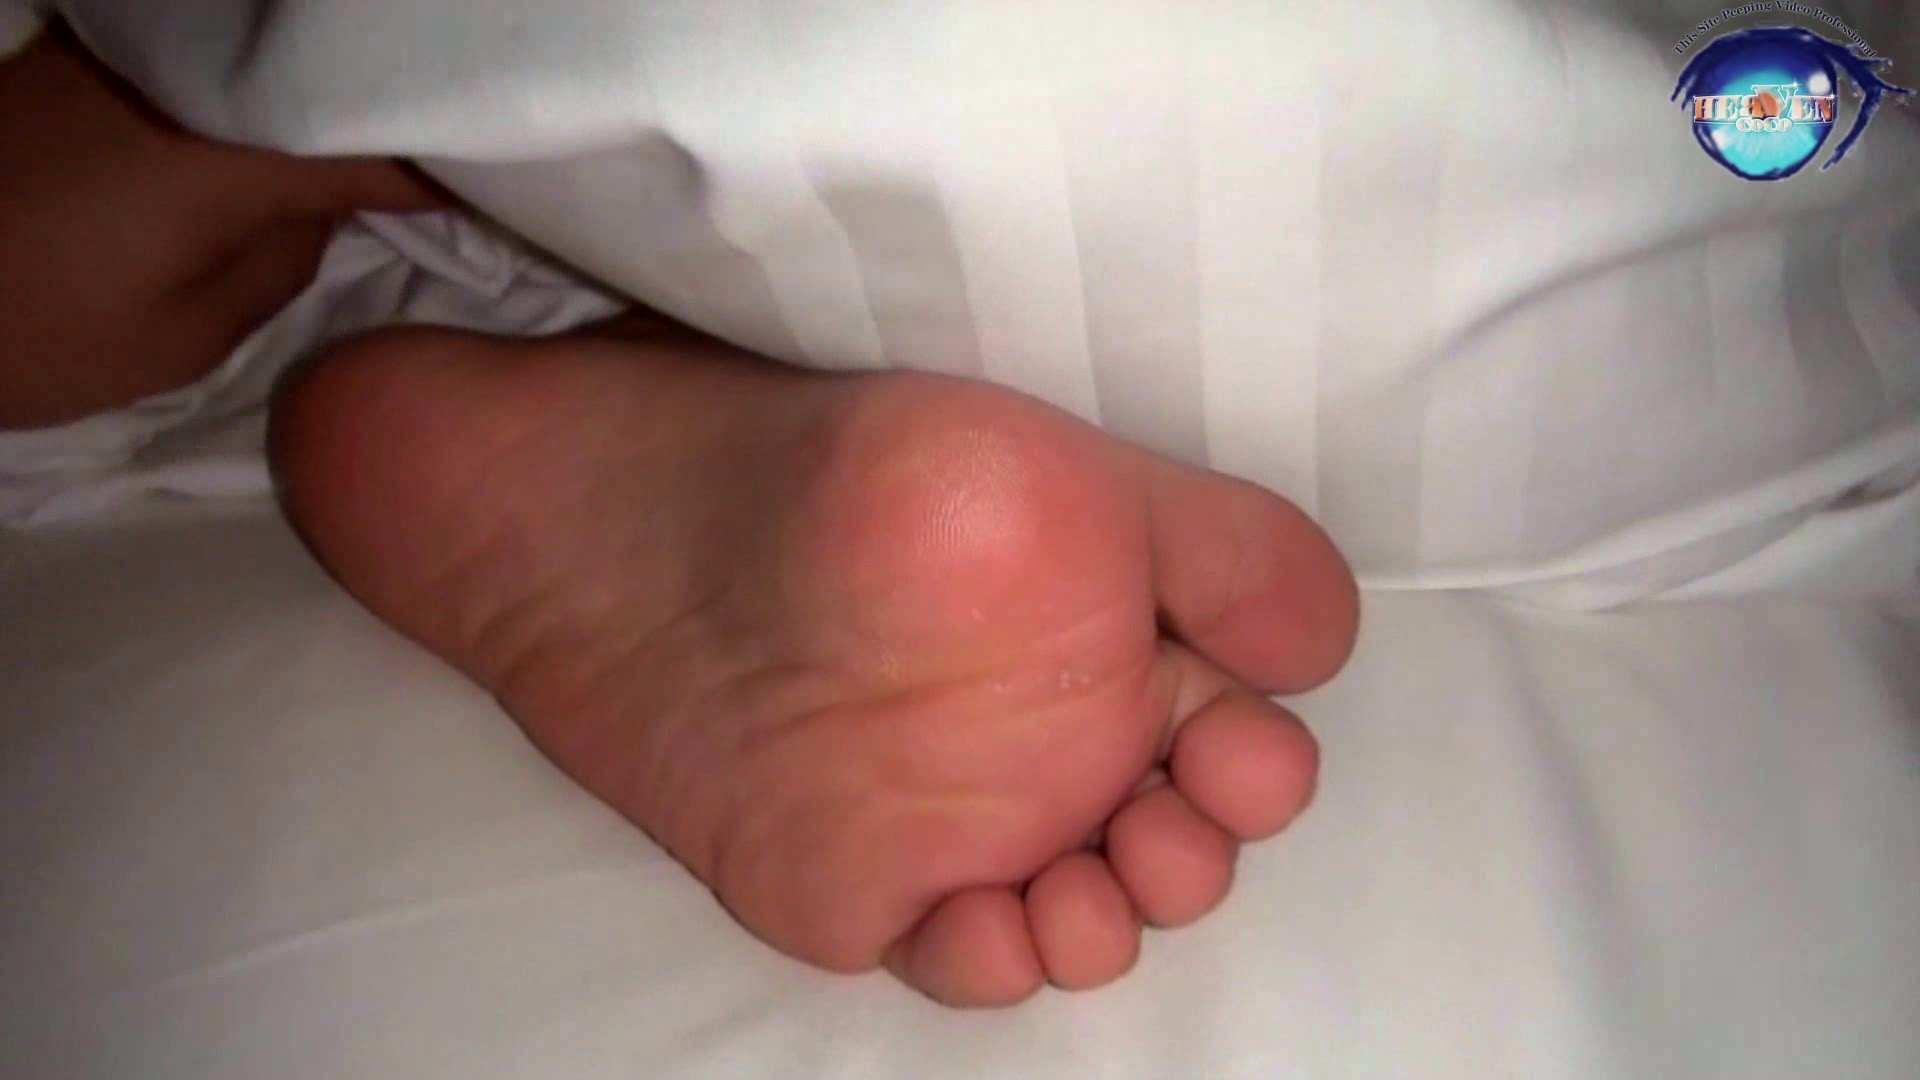 睡魔 シュウライ 第参十話 前半 乳首ポロリ   イタズラ  60画像 17